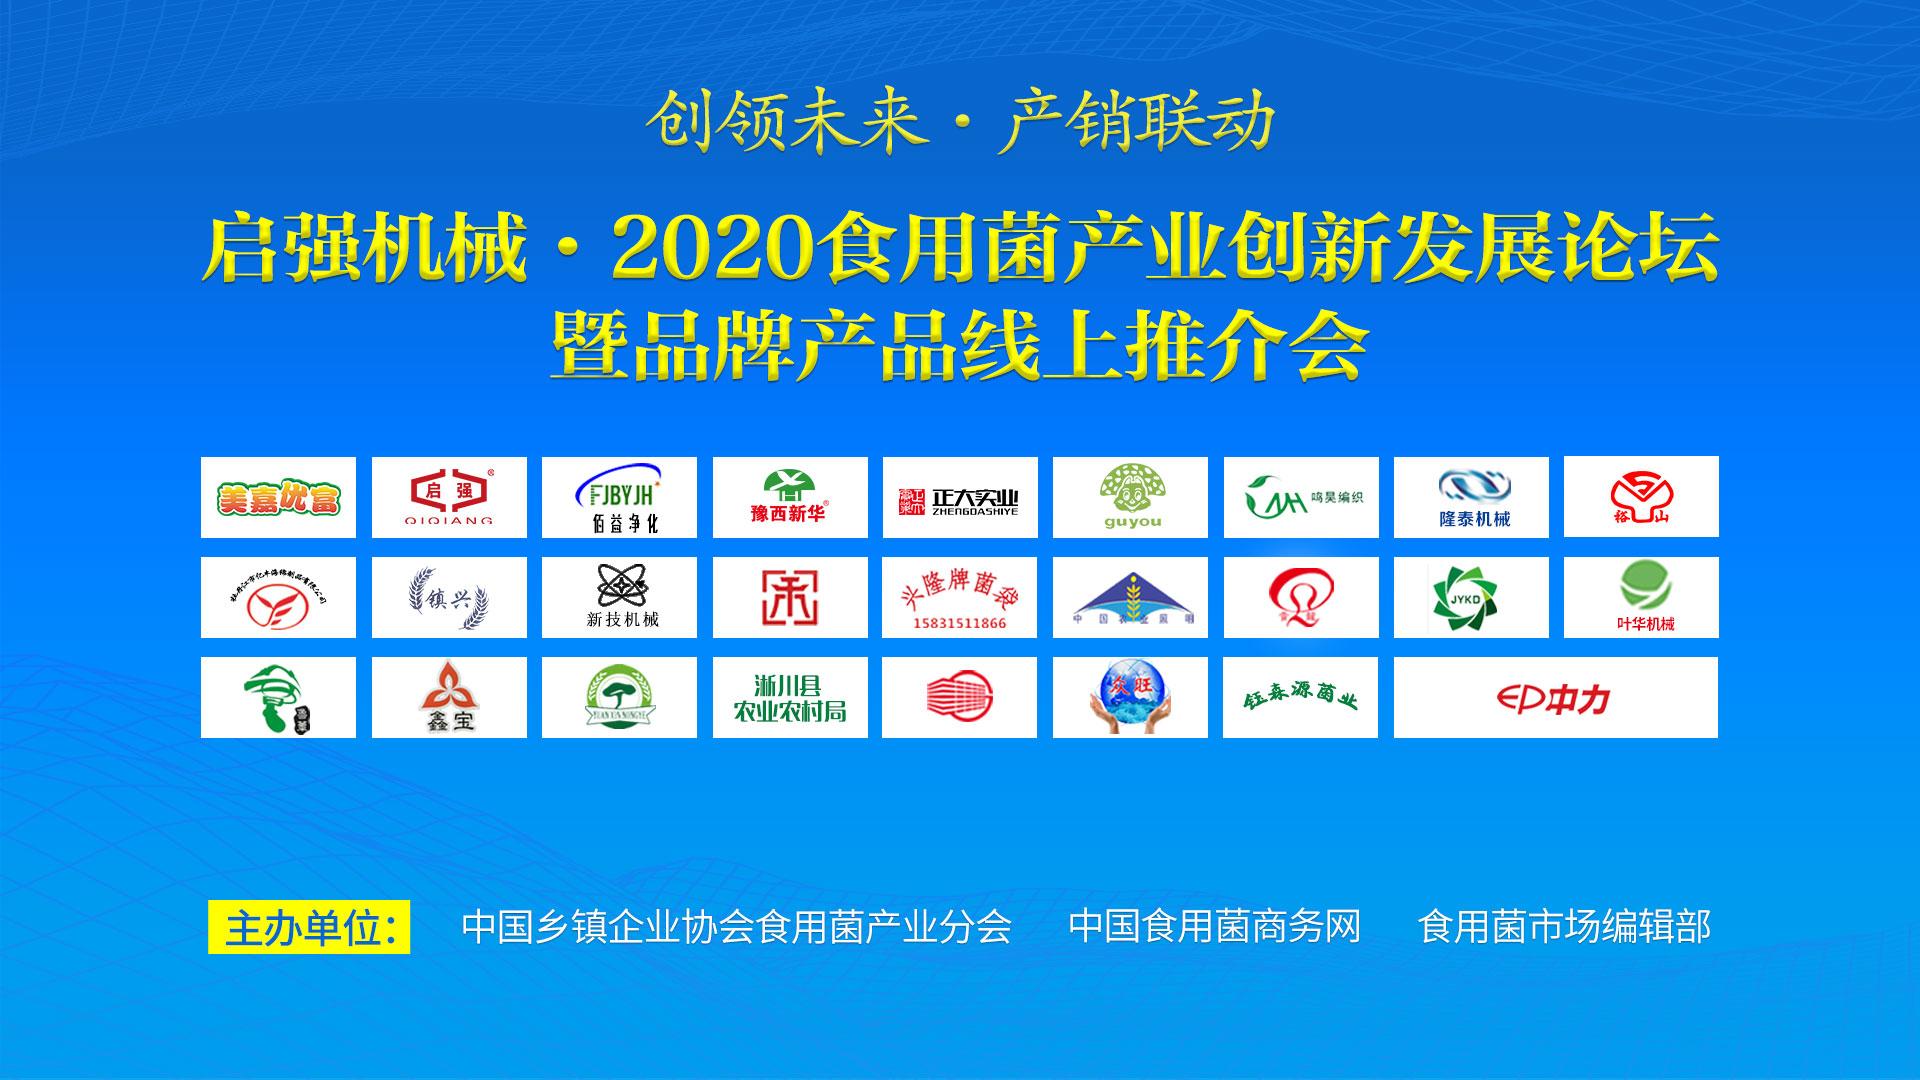 启强机械·2020食用菌产业创新发展论坛暨品牌产品线上推介会成功举办